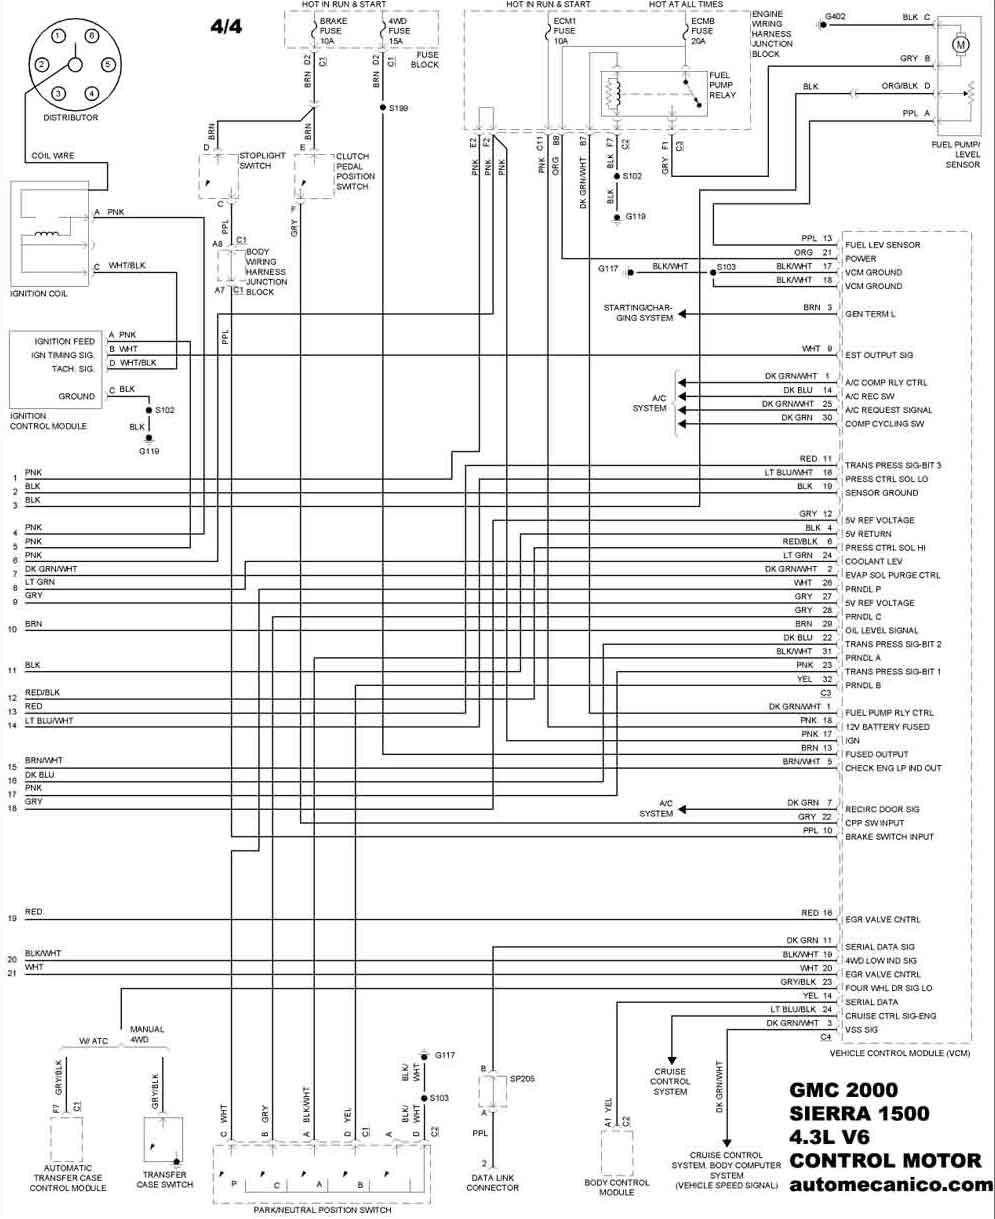 gmc 2000